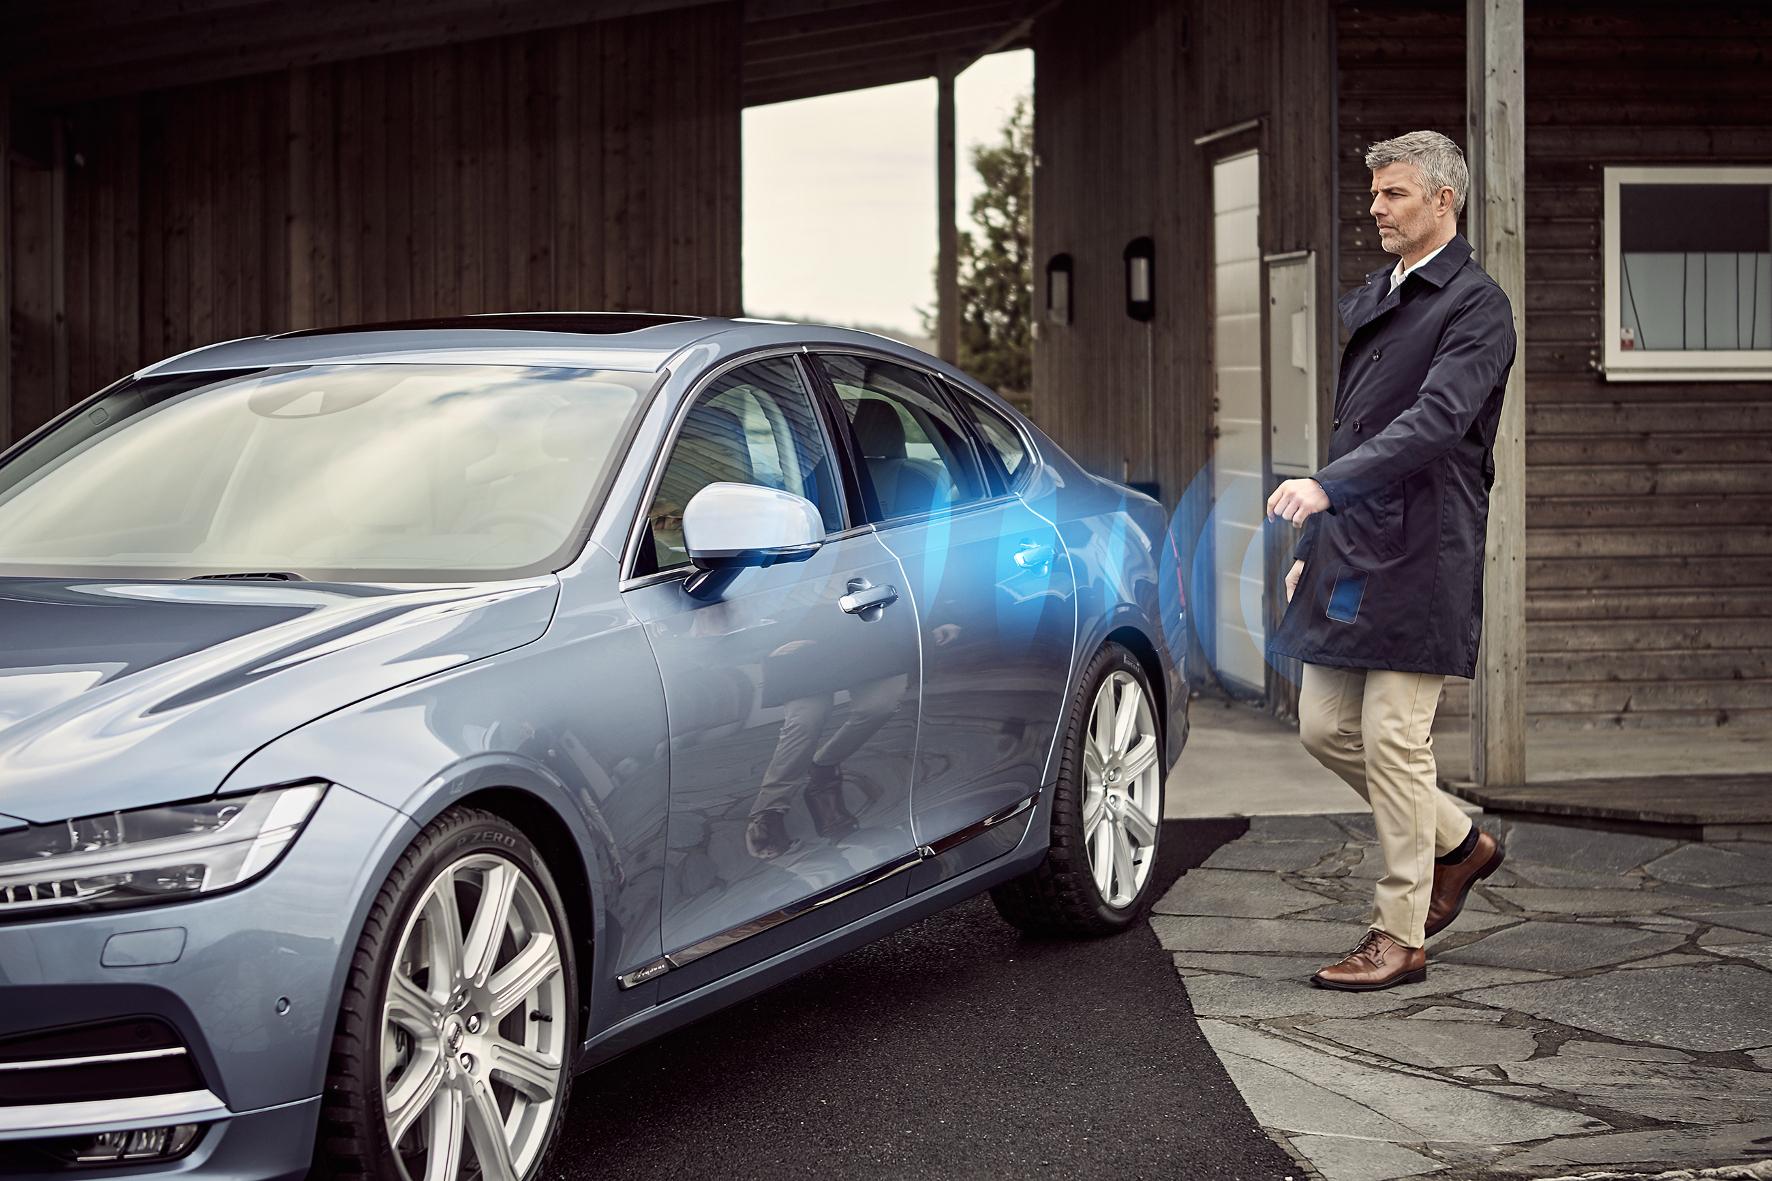 mid Groß-Gerau - Volvo will den klassischen Autoschlüssel komplett durch eine Smartphone-App zum Öffnen und Starten ersetzen.